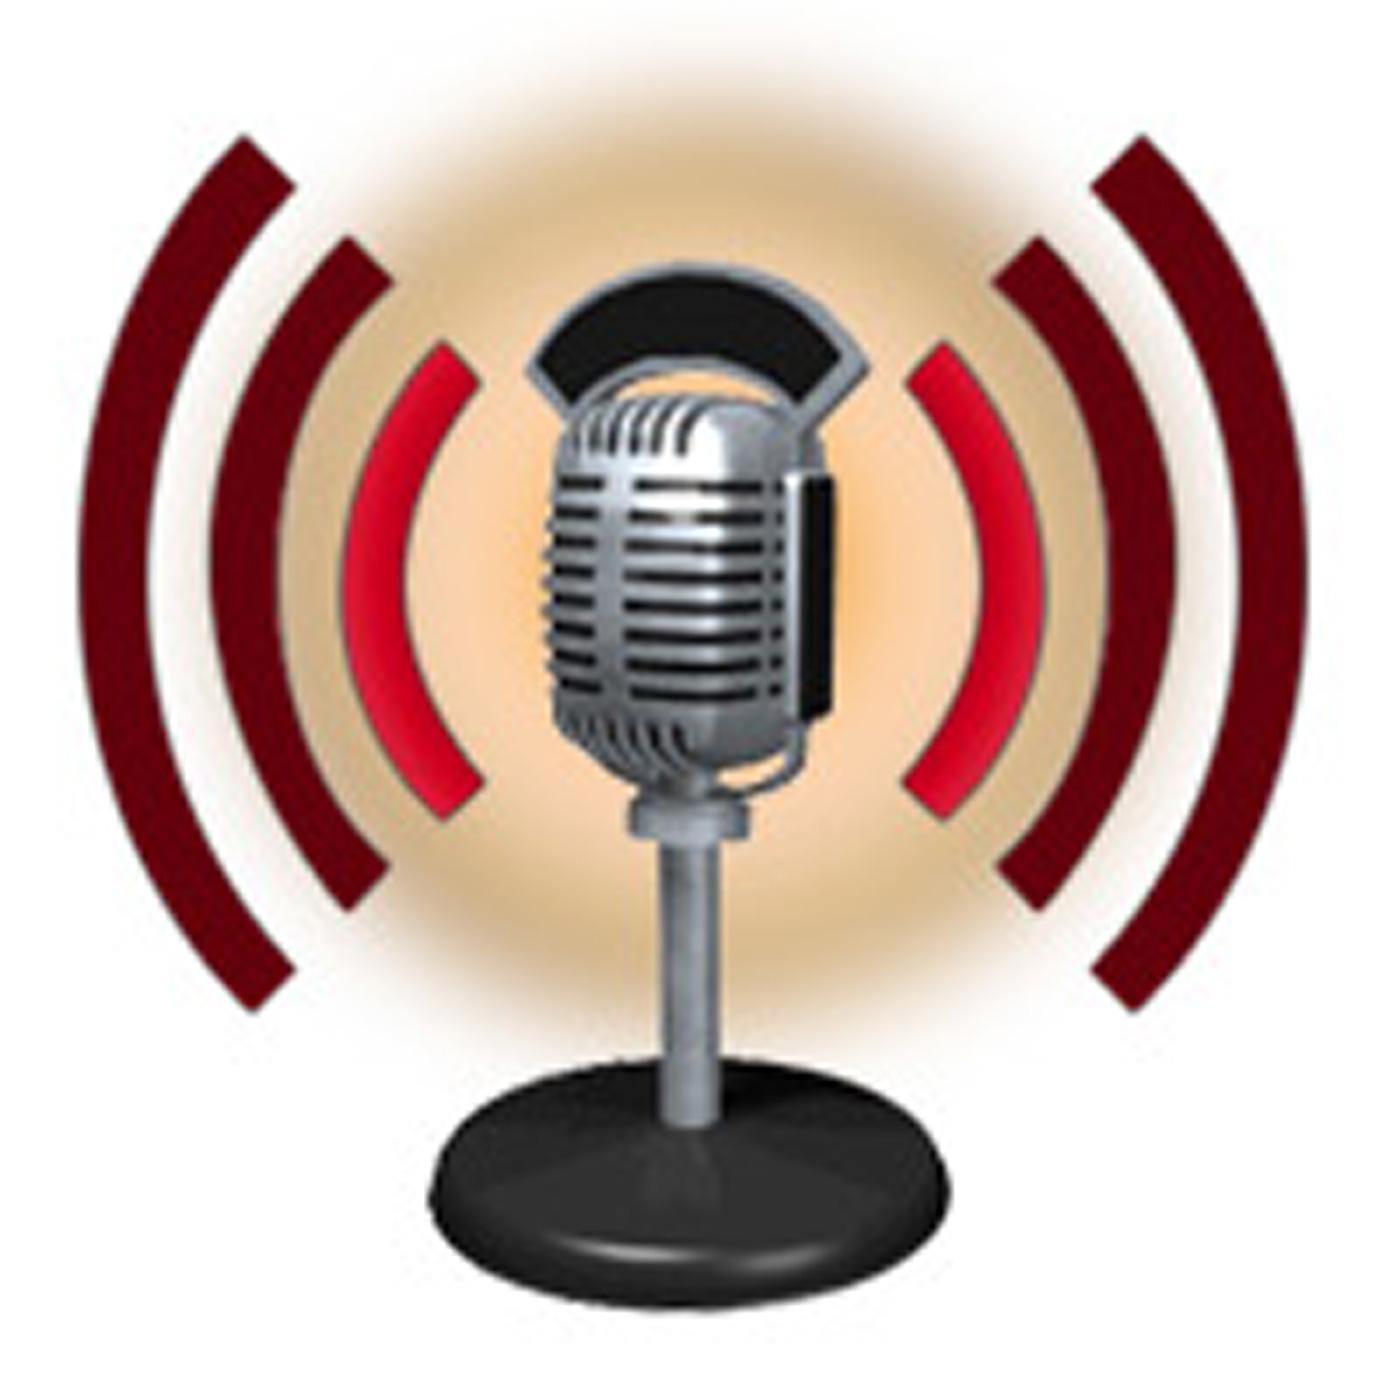 Радио онлайн бесплатно 13 фотография